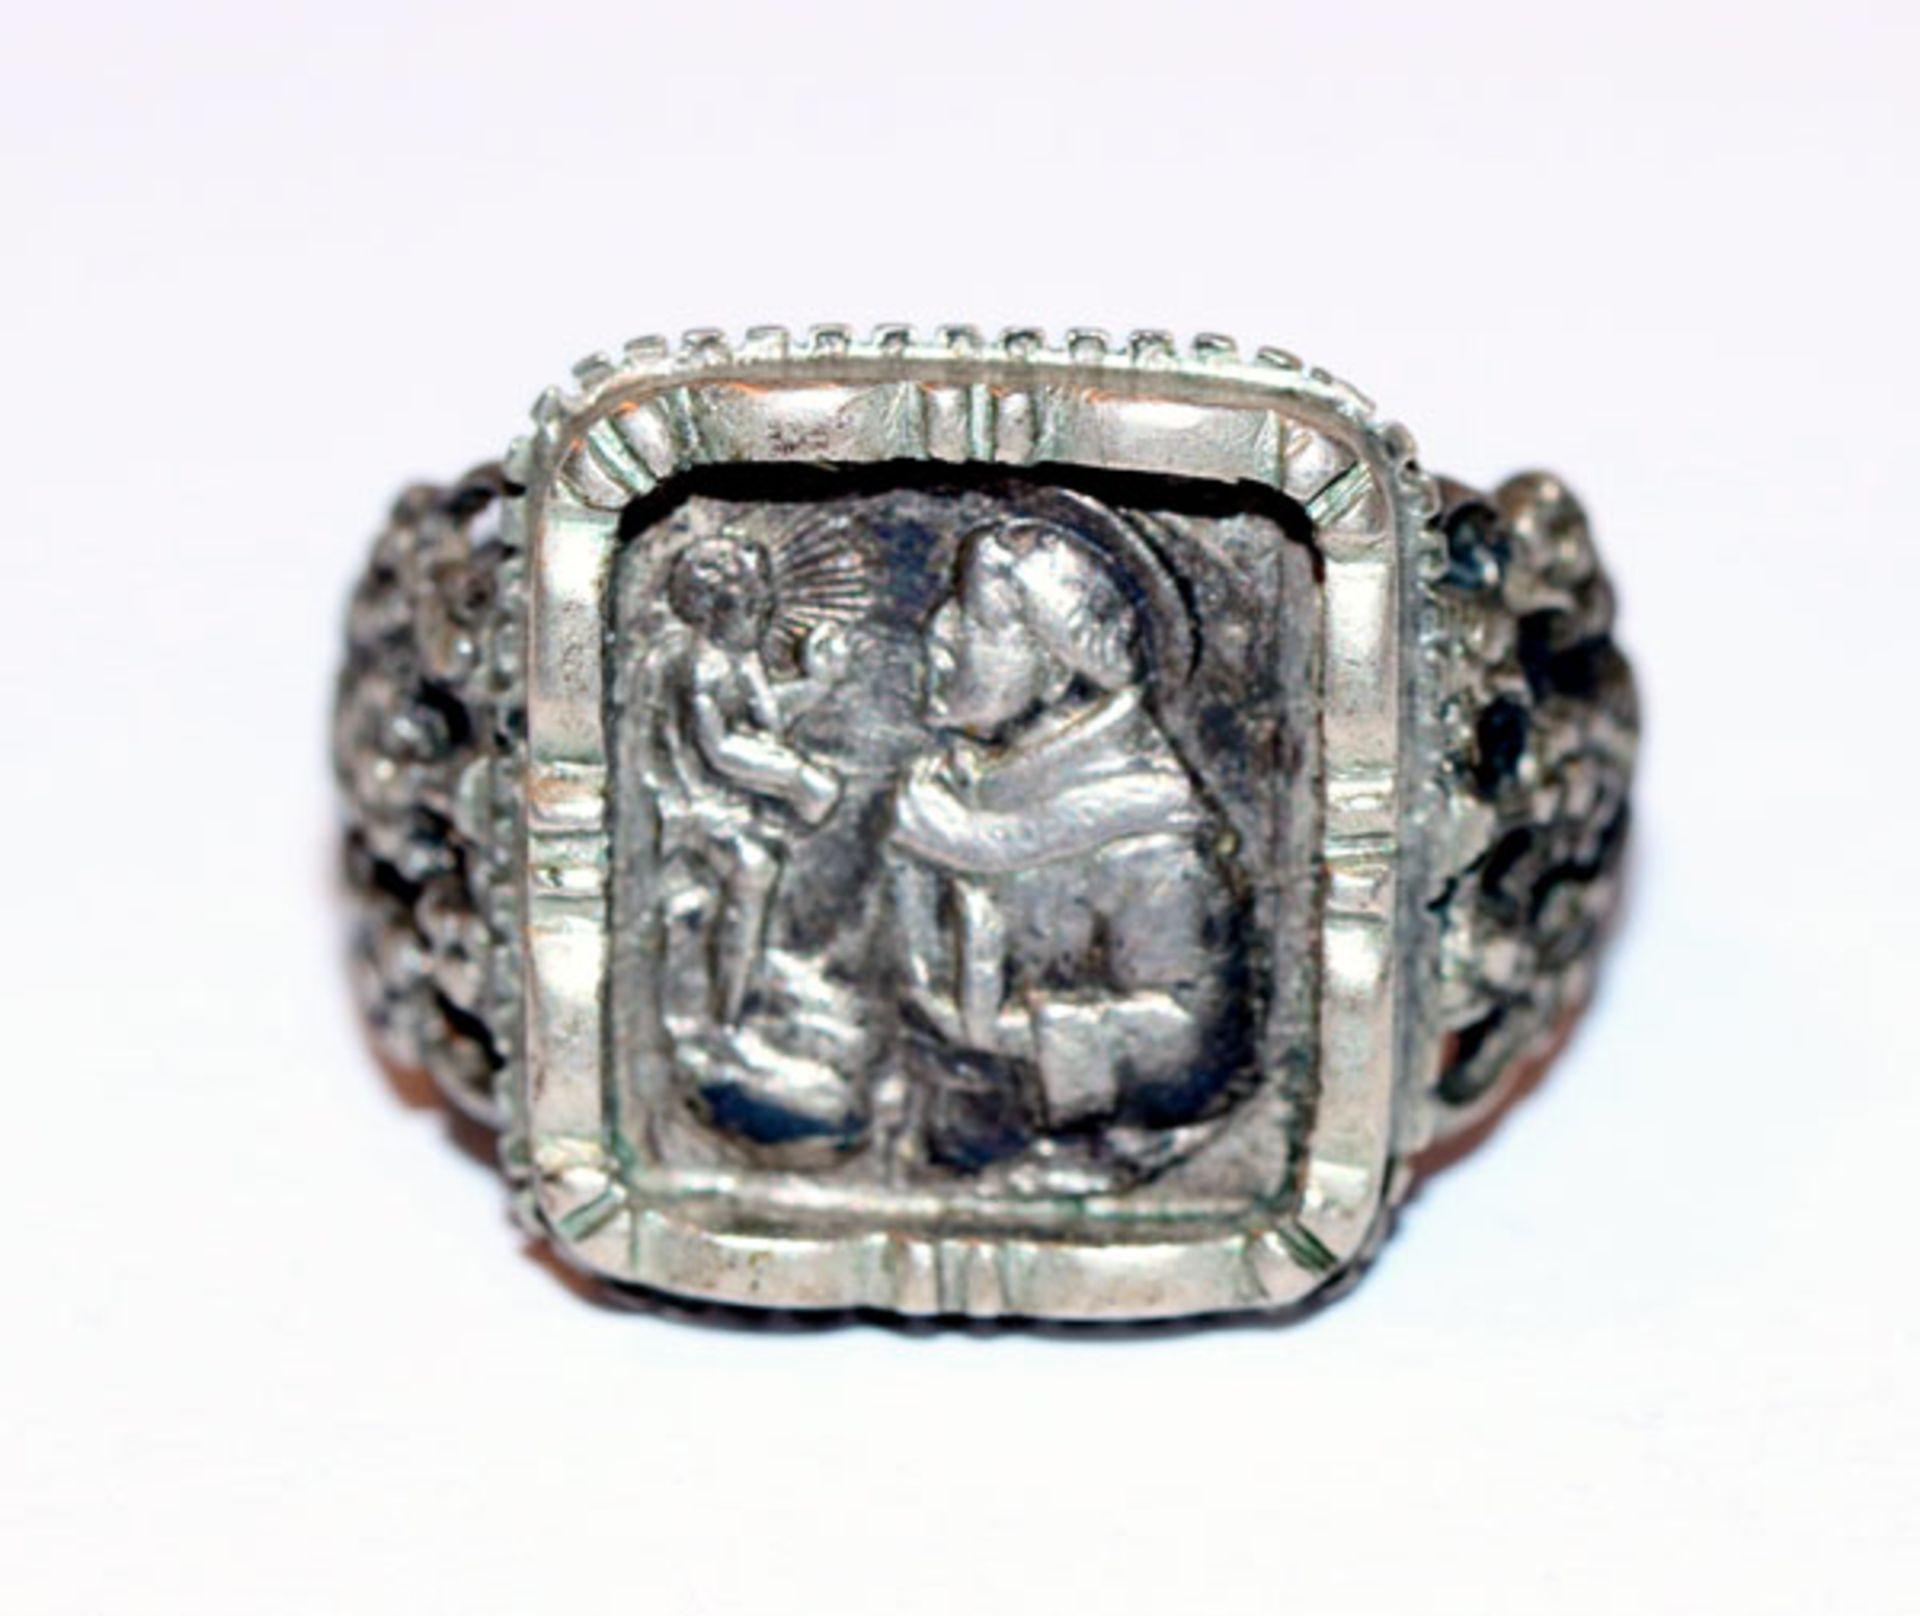 Los 4 - Antoni-Ring mit reliefiertem Dekor, 800 Silber, Gr. 61, Tragespuren